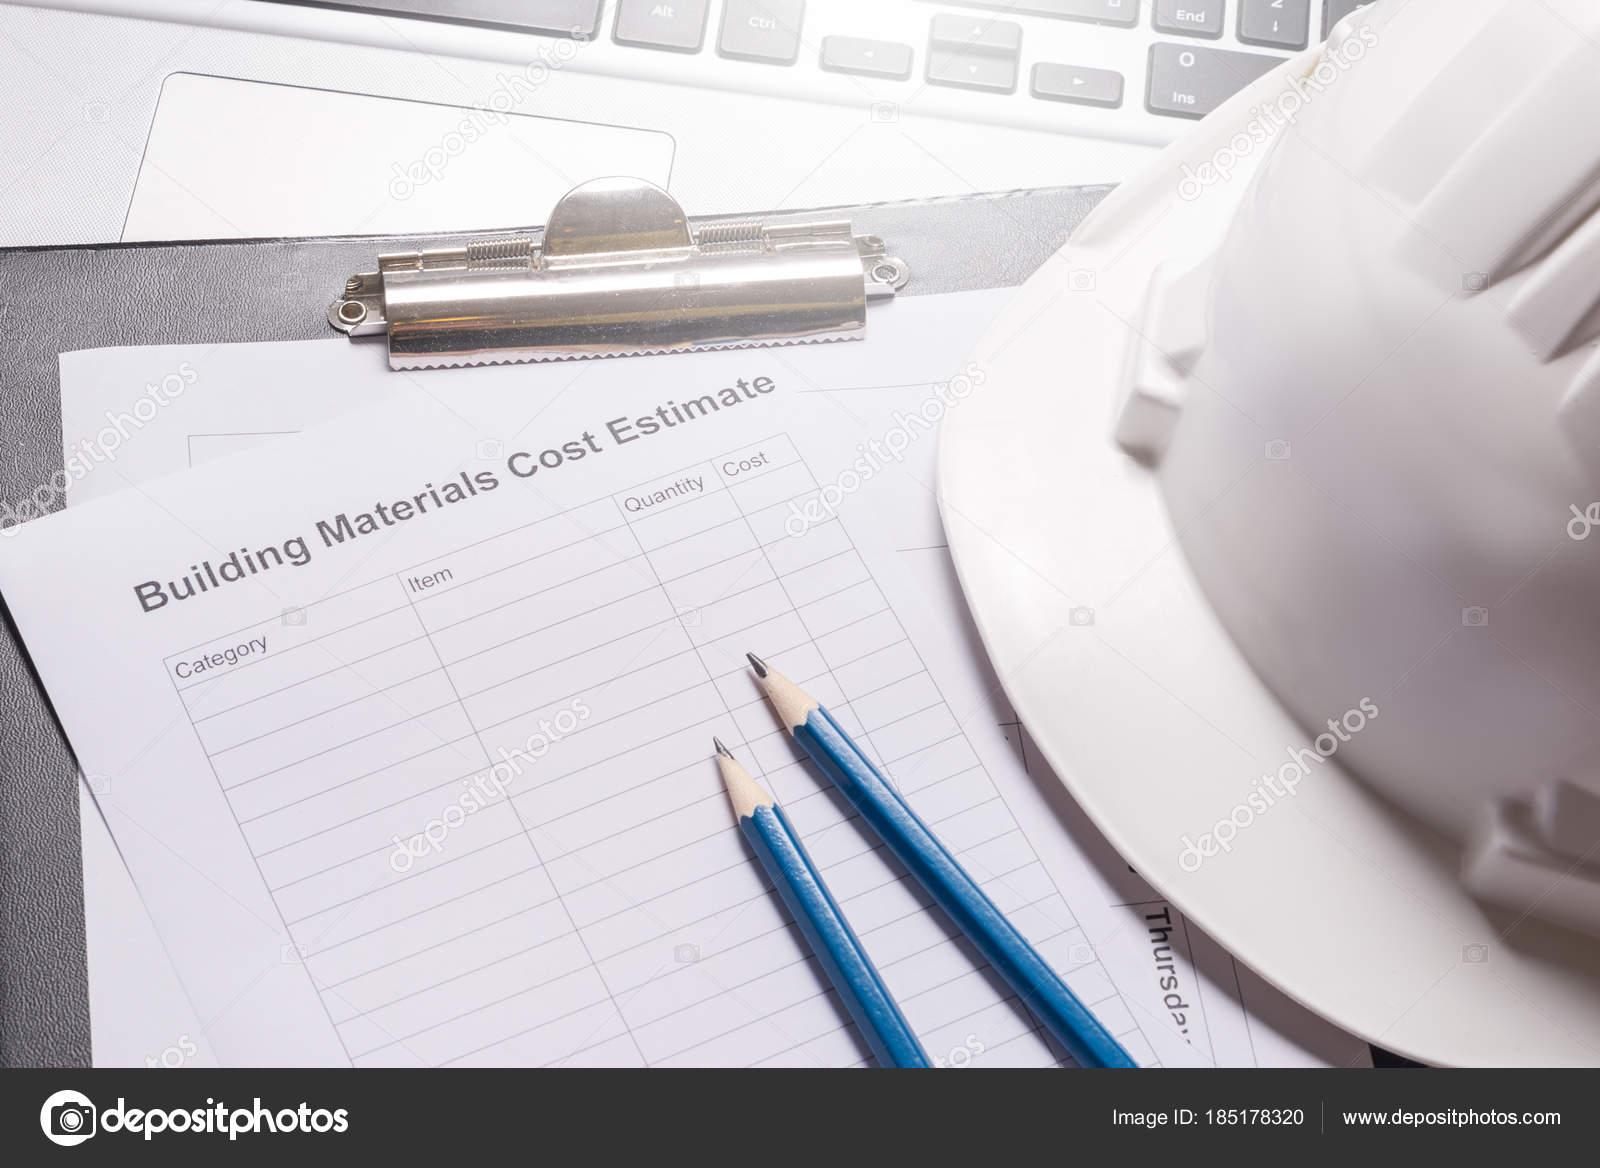 materiales de construcción costo estimado en el escritorio de